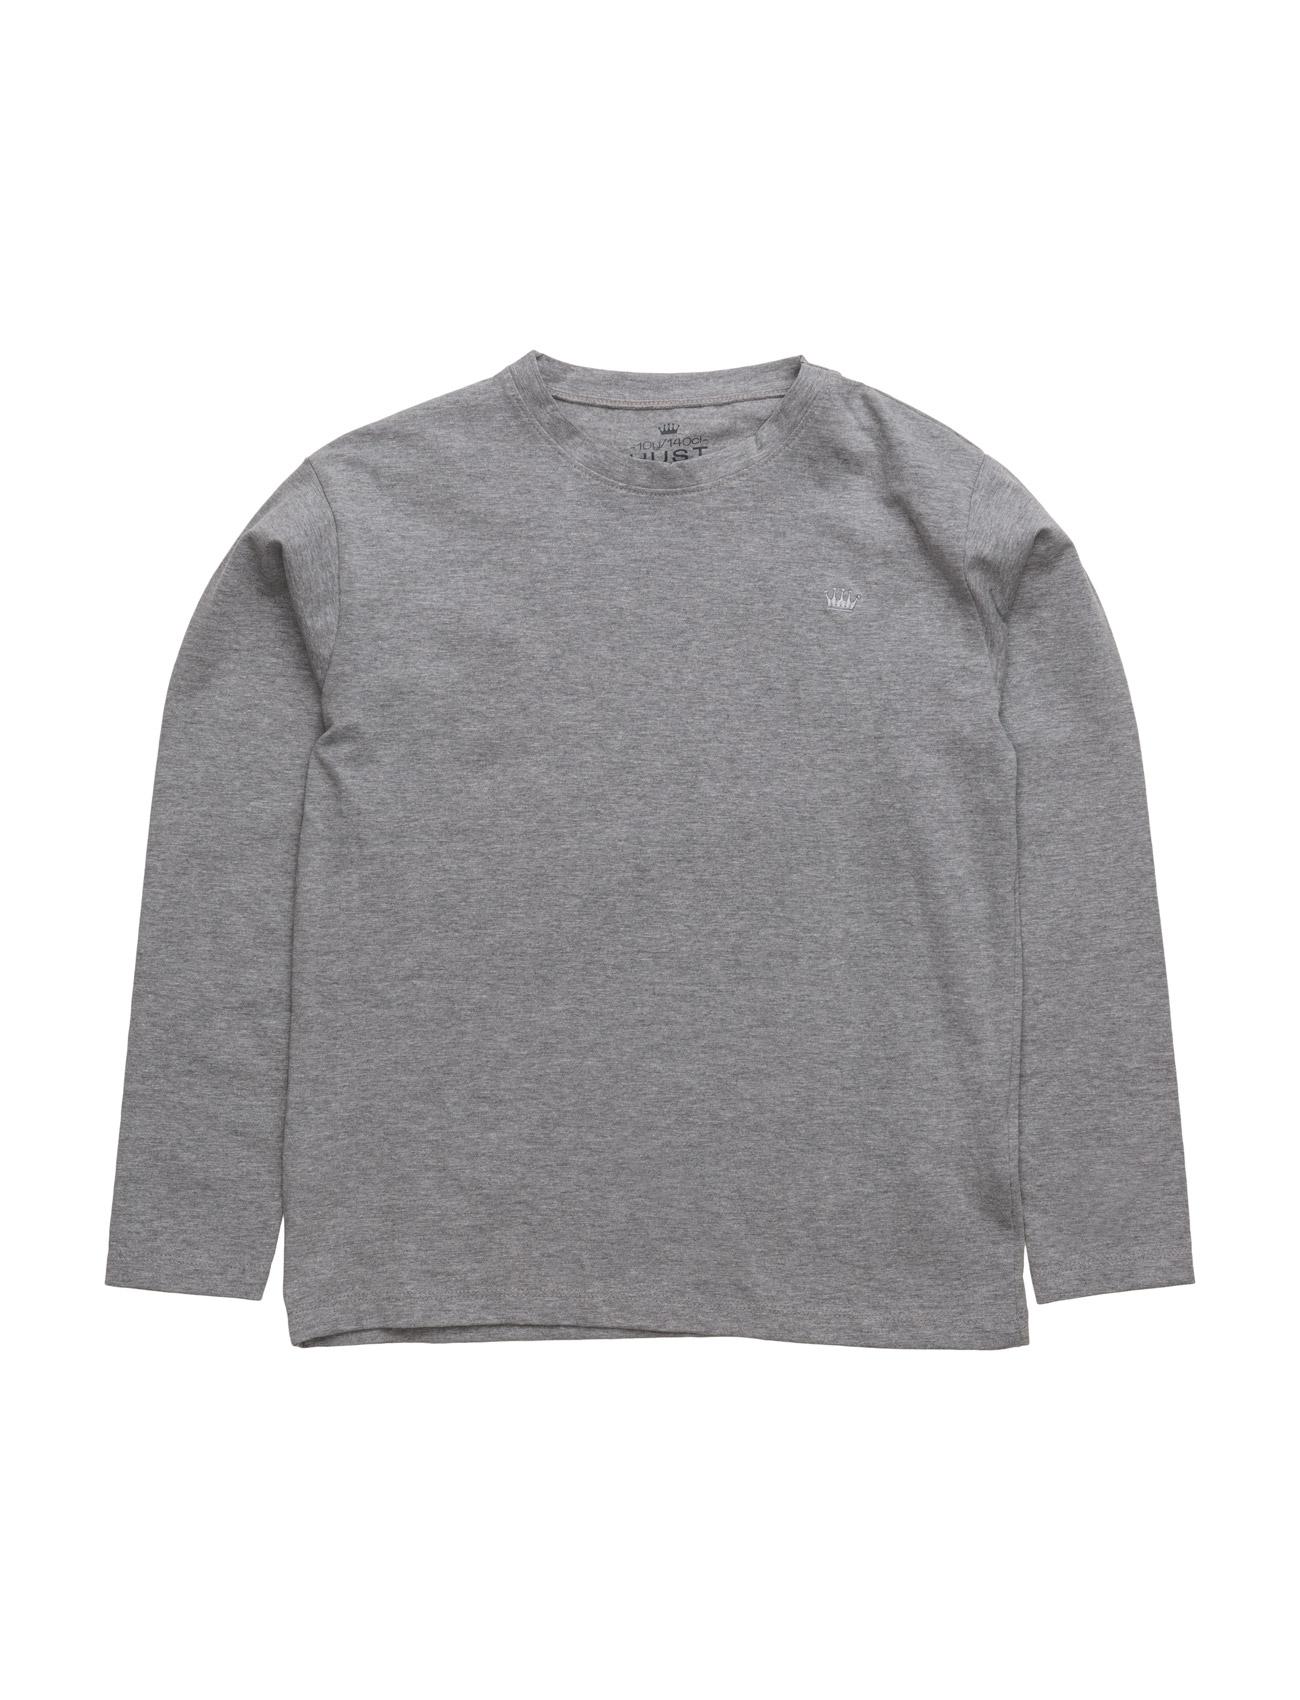 T-Shirt L/S Hust & Claire Langærmede t-shirts til Børn i Light Grey Melange